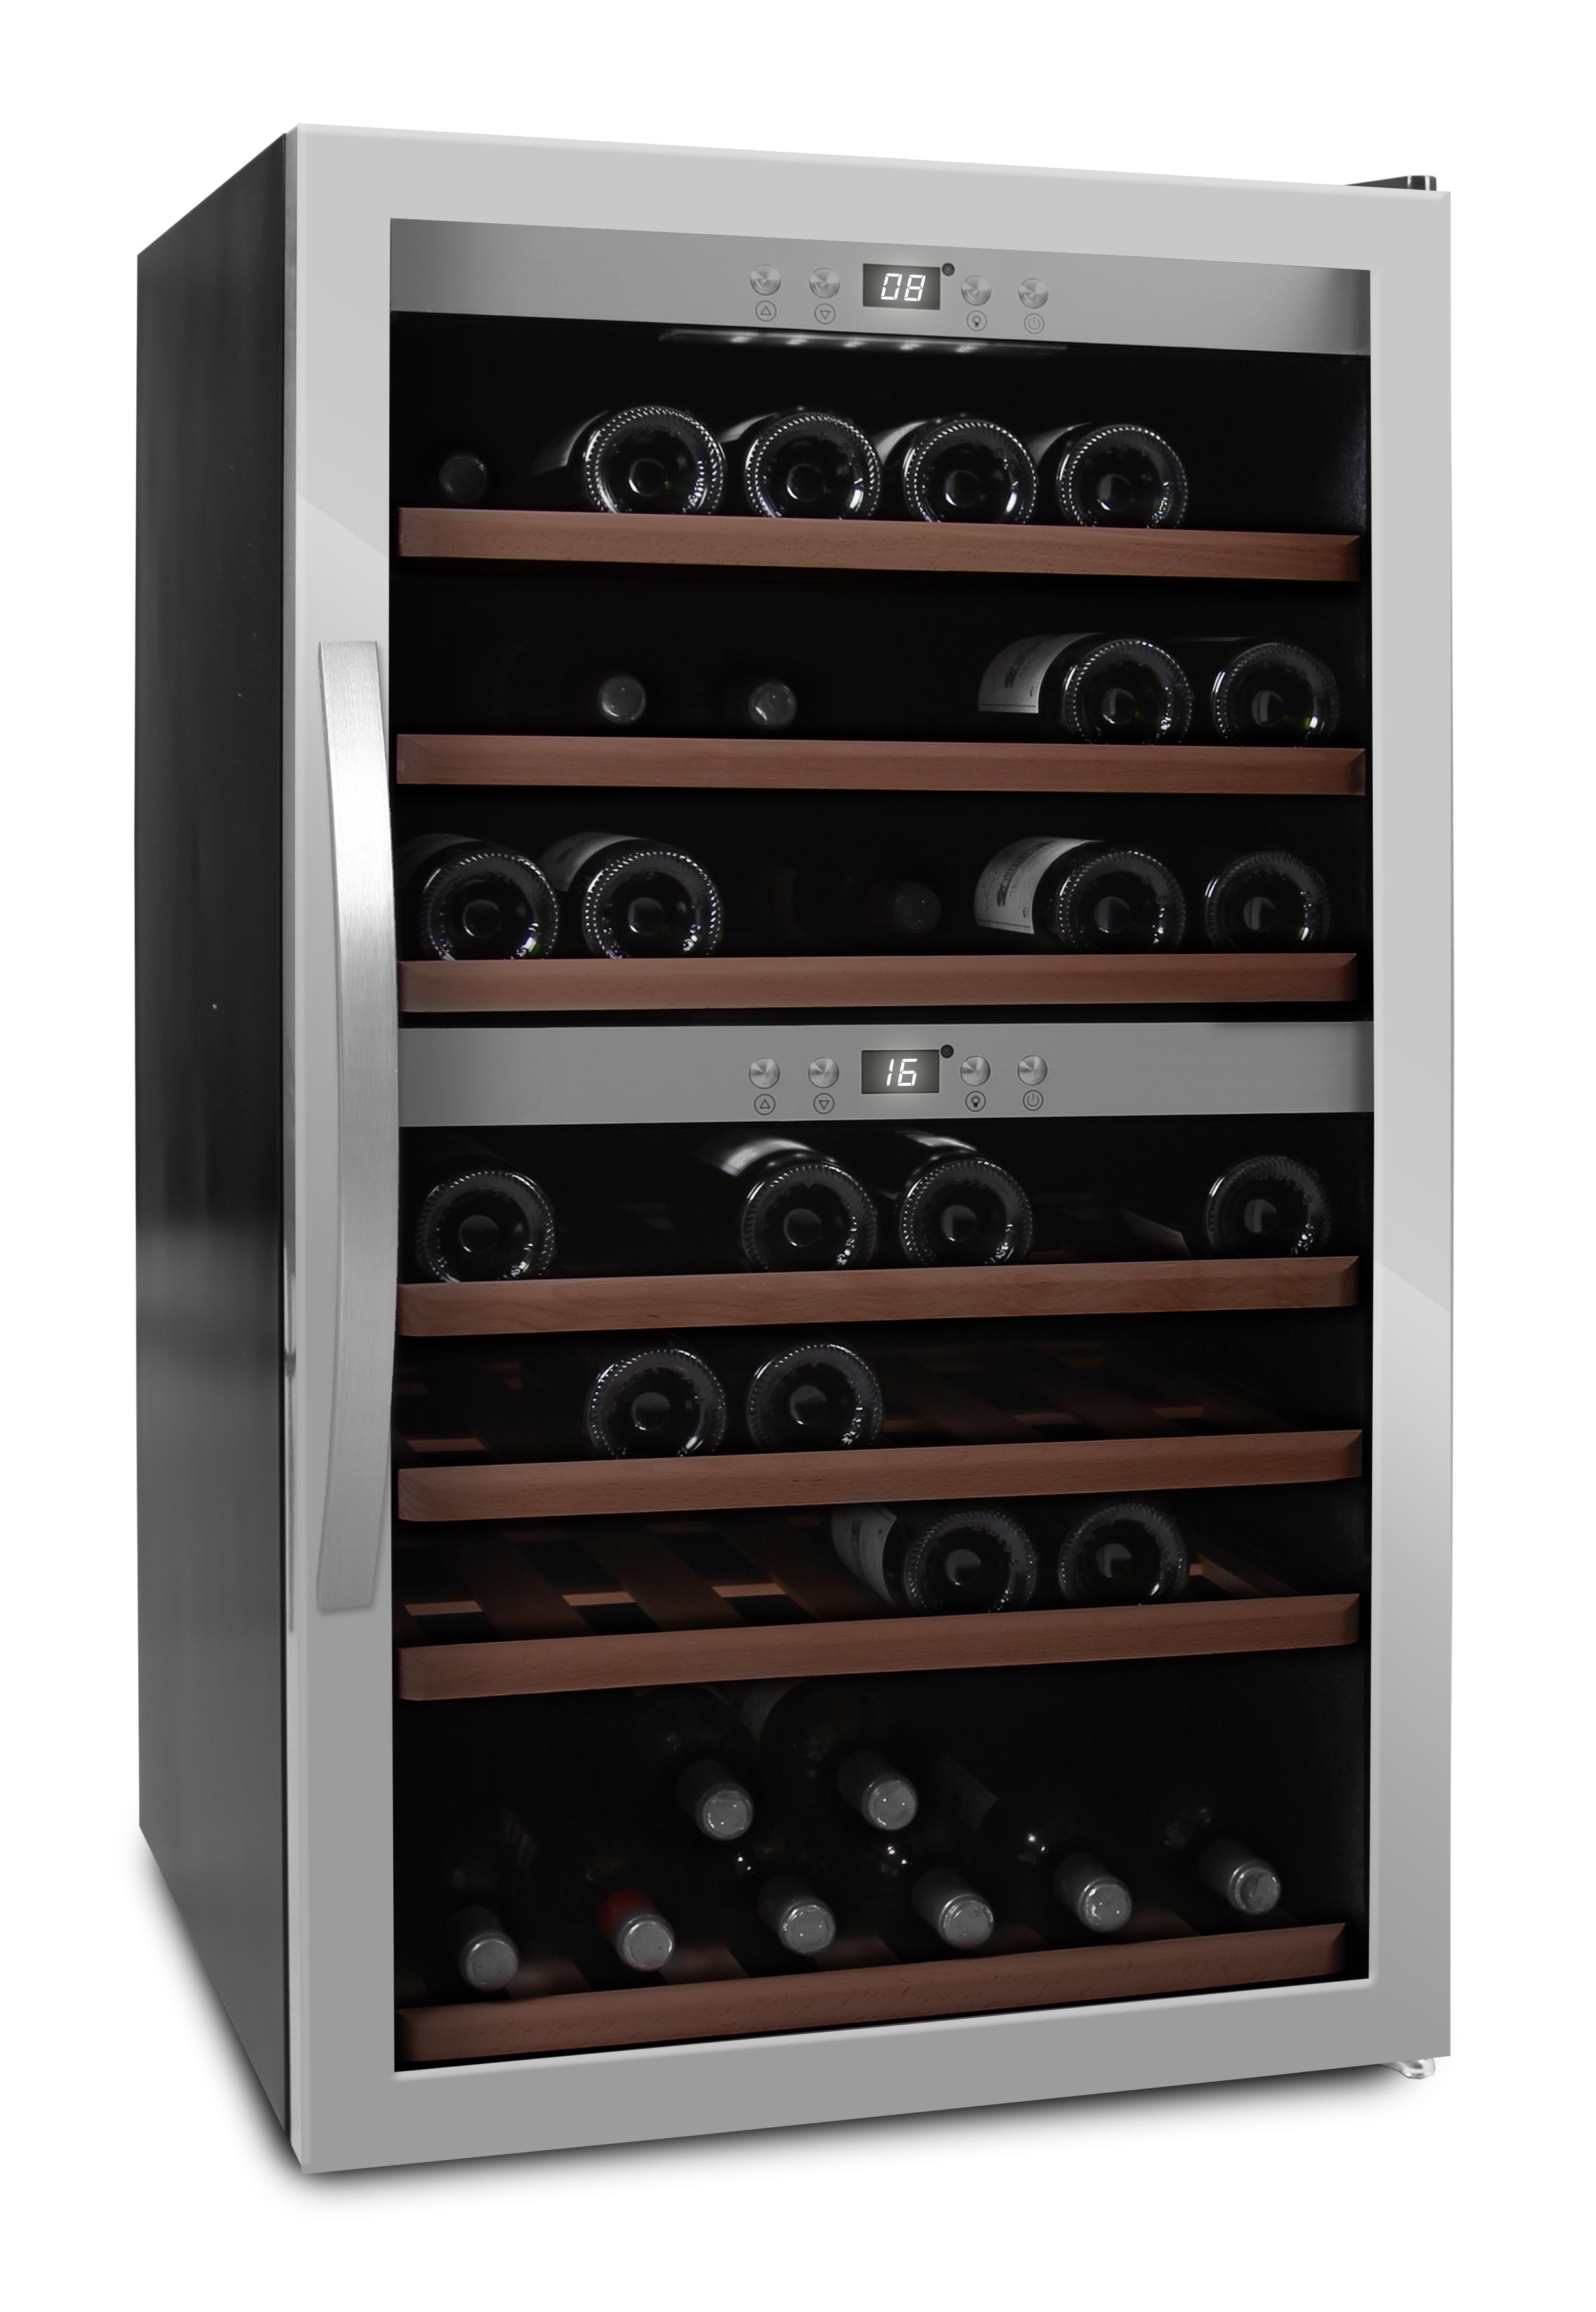 mquvee-wineexpert-66-stainless